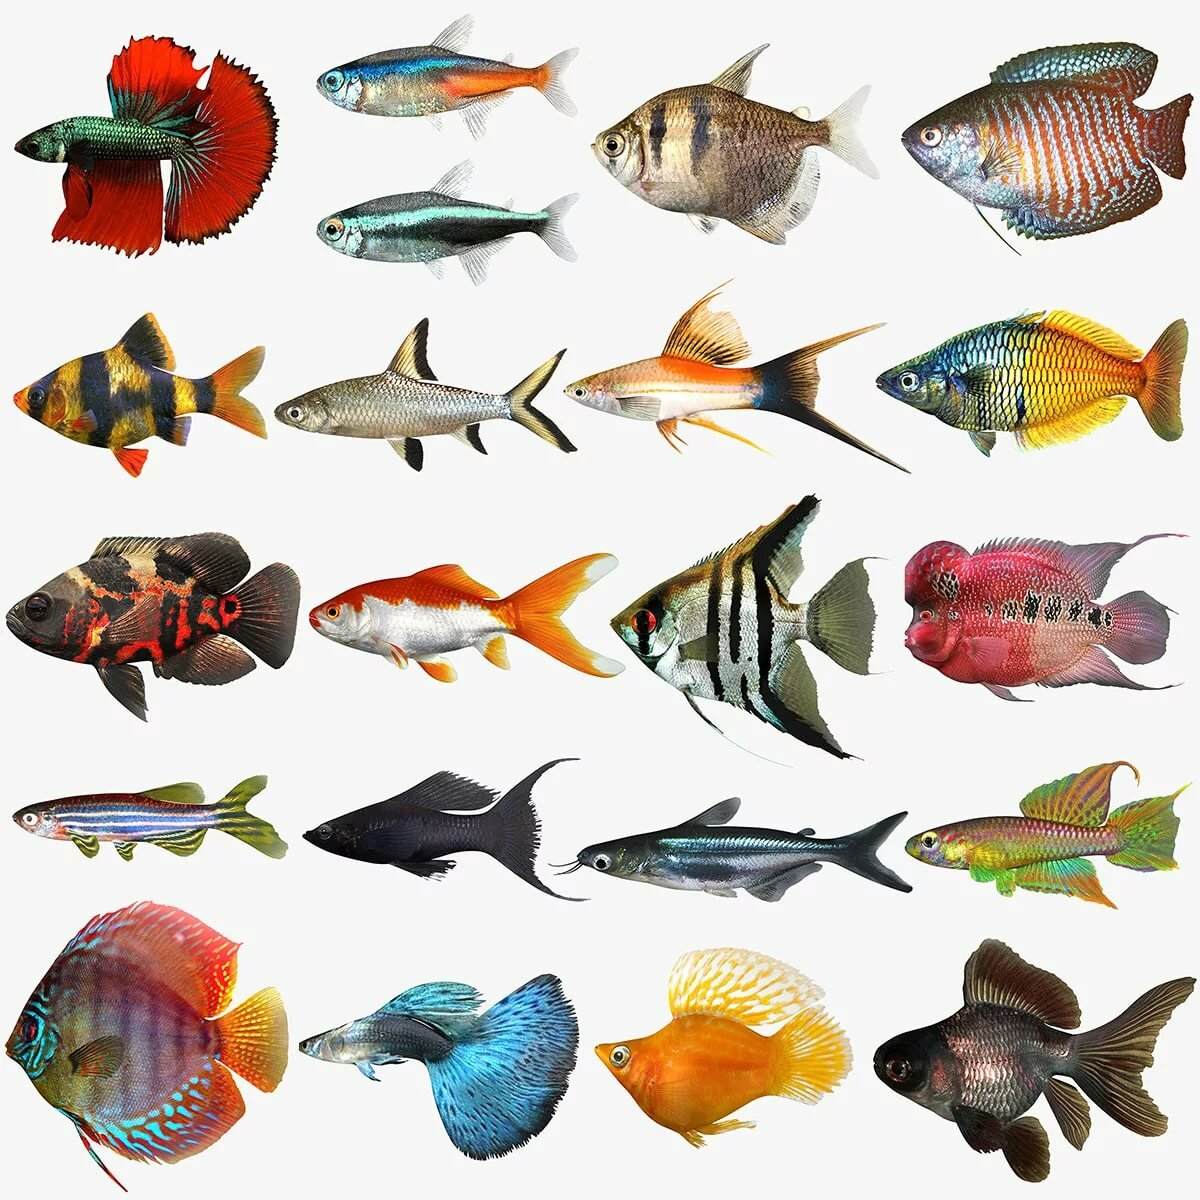 аквариумные рыбки с названиями в картинках как волшебной